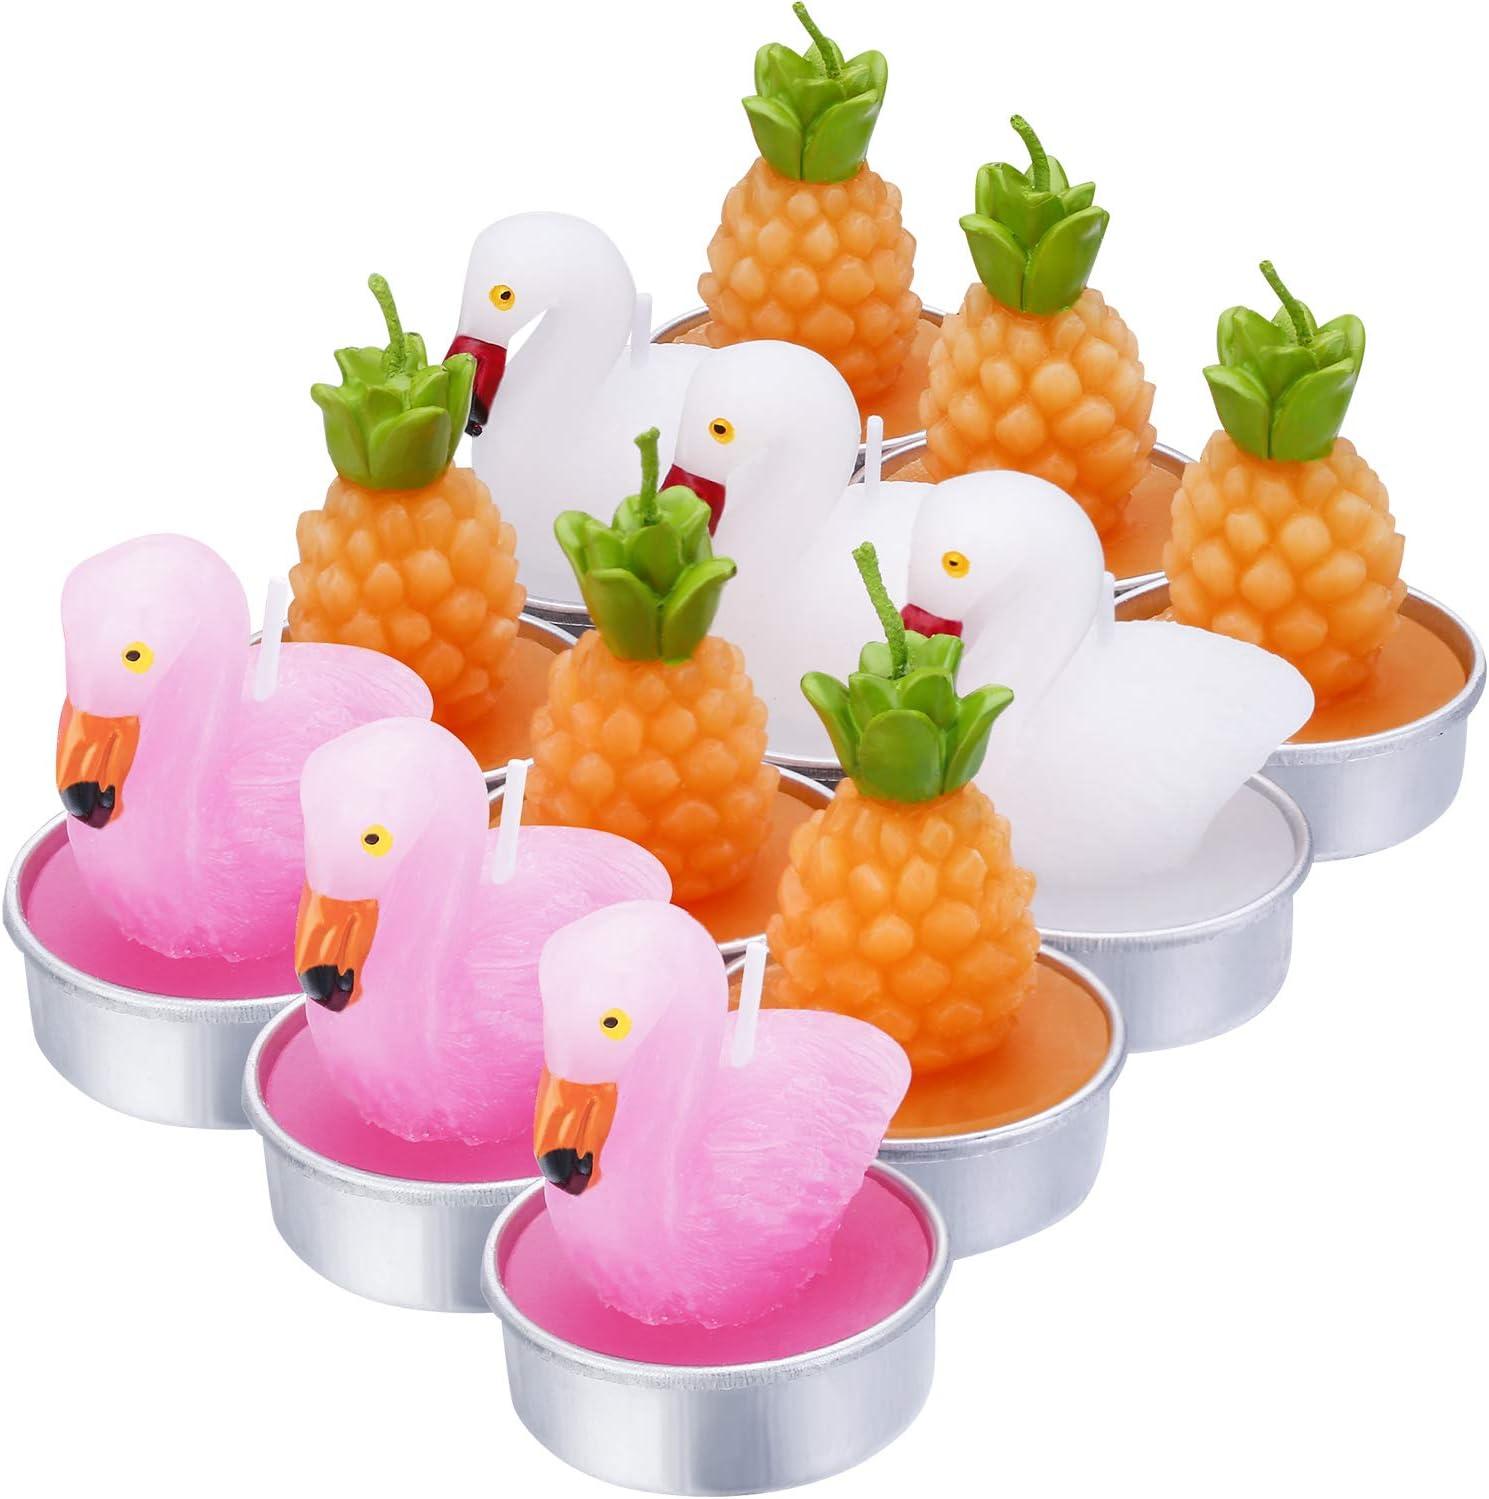 Relaxdays 10024292 Flamingo Hut 1 St/ück Flamingom/ütze Tierm/ütze unisex pink f/ür Erwachsene zum Fasching oder Junggesellenabschied